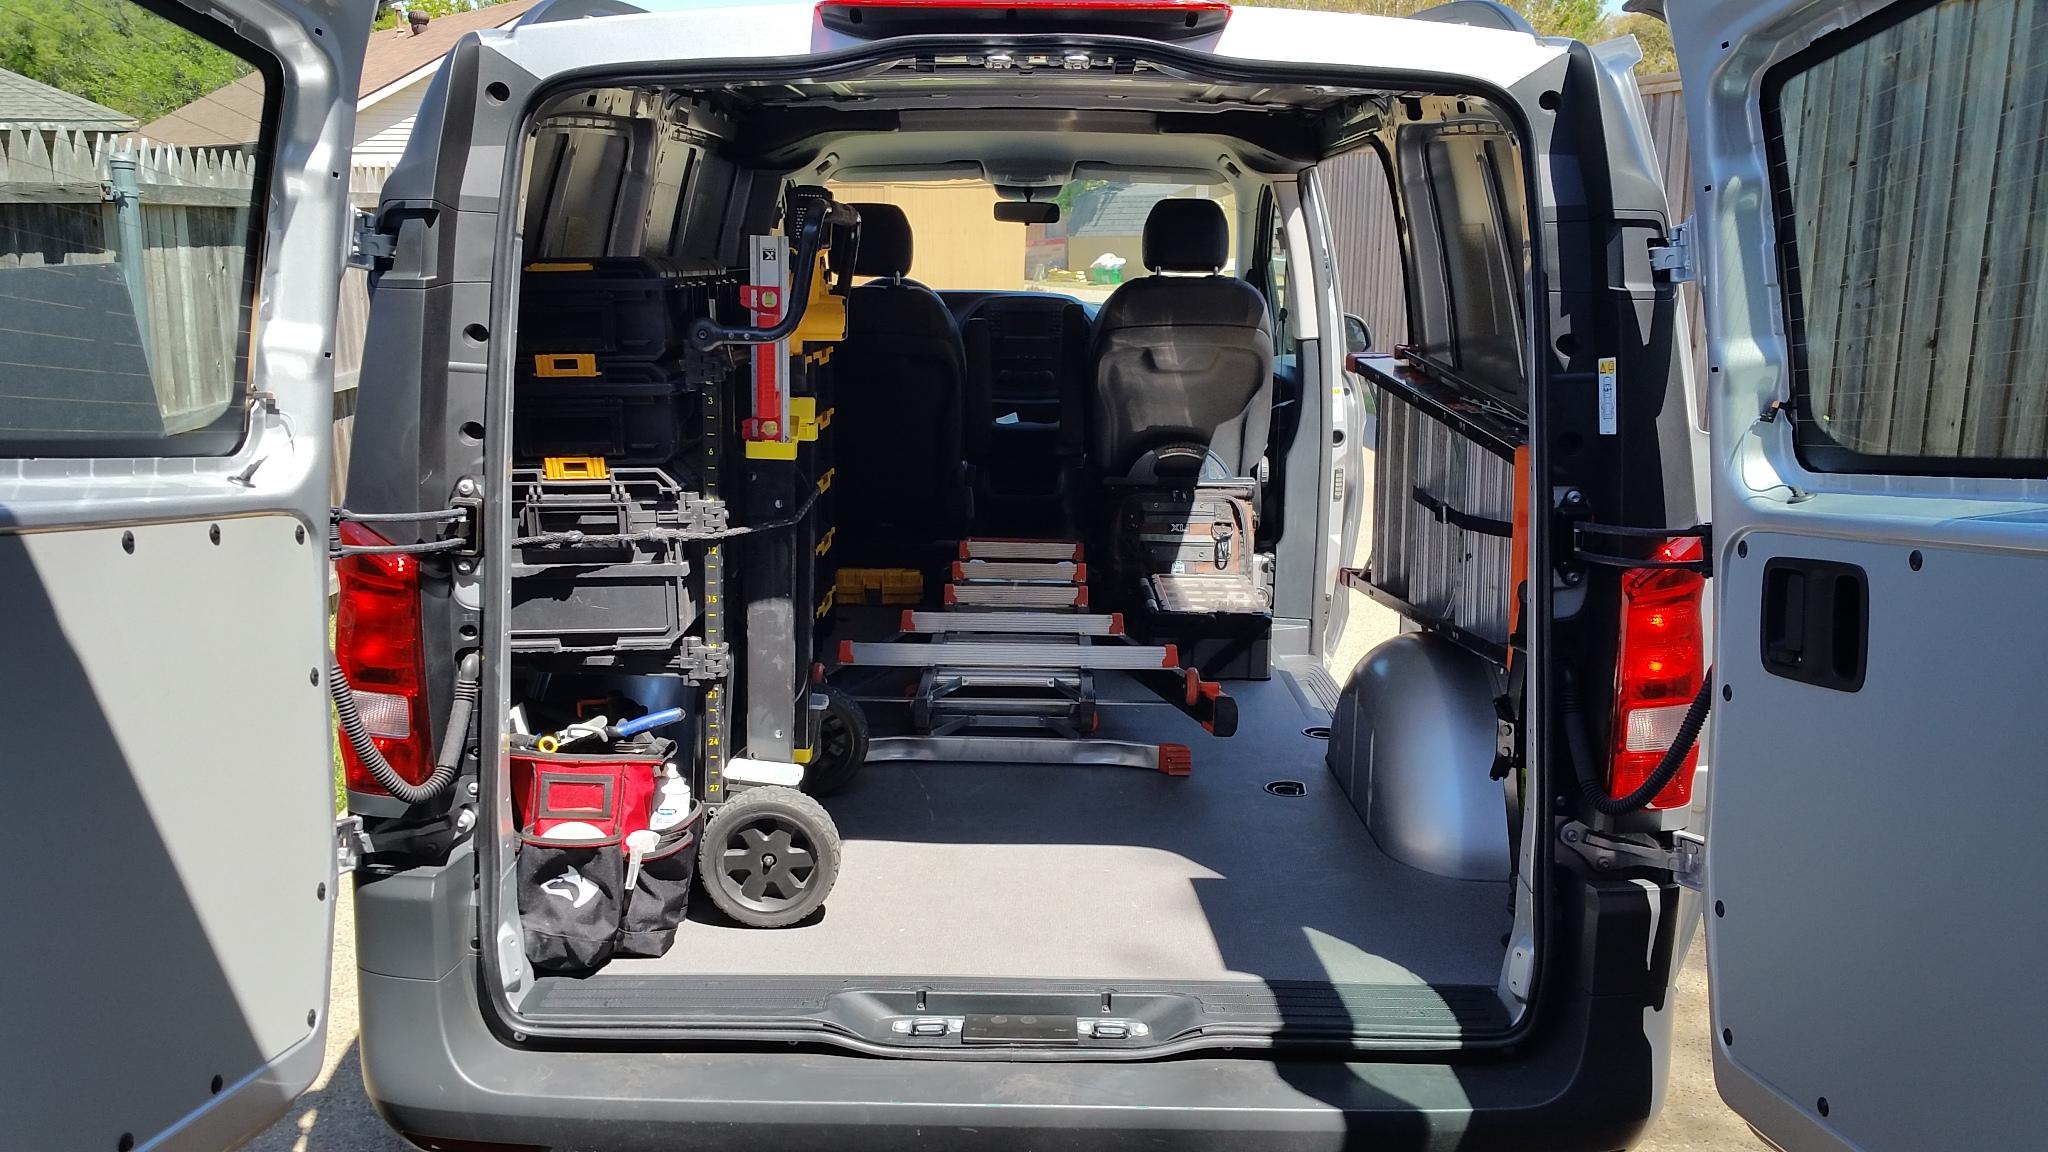 New van for work mercedes metris vehicles contractor for Mercedes benz work vans